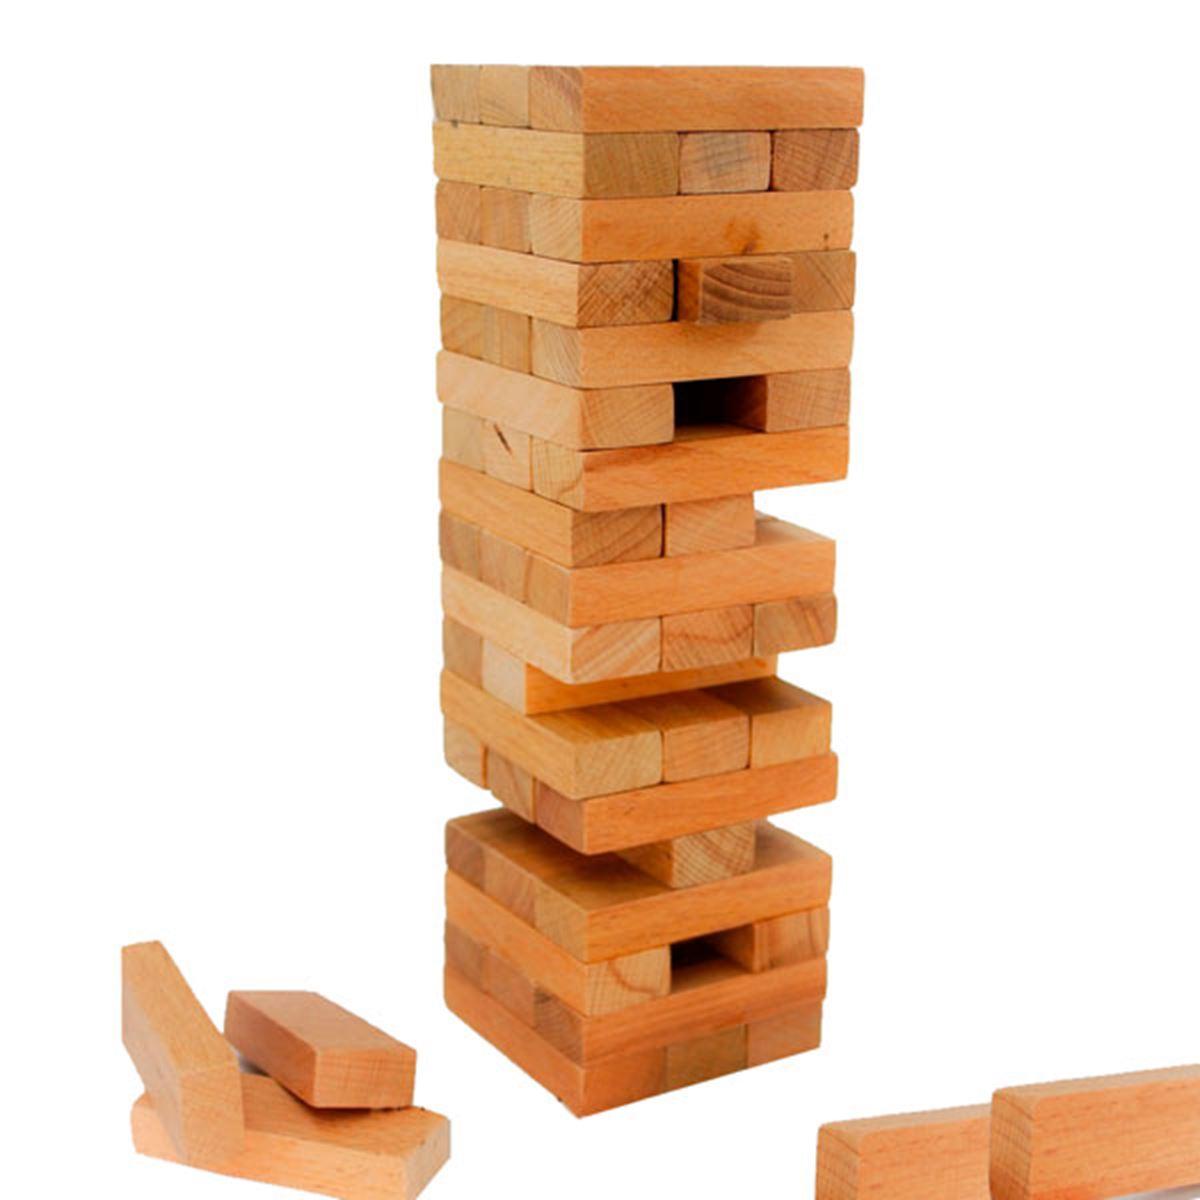 Mukabo 54 Parça Cenga Çocuk Etkinlik Oyuncak